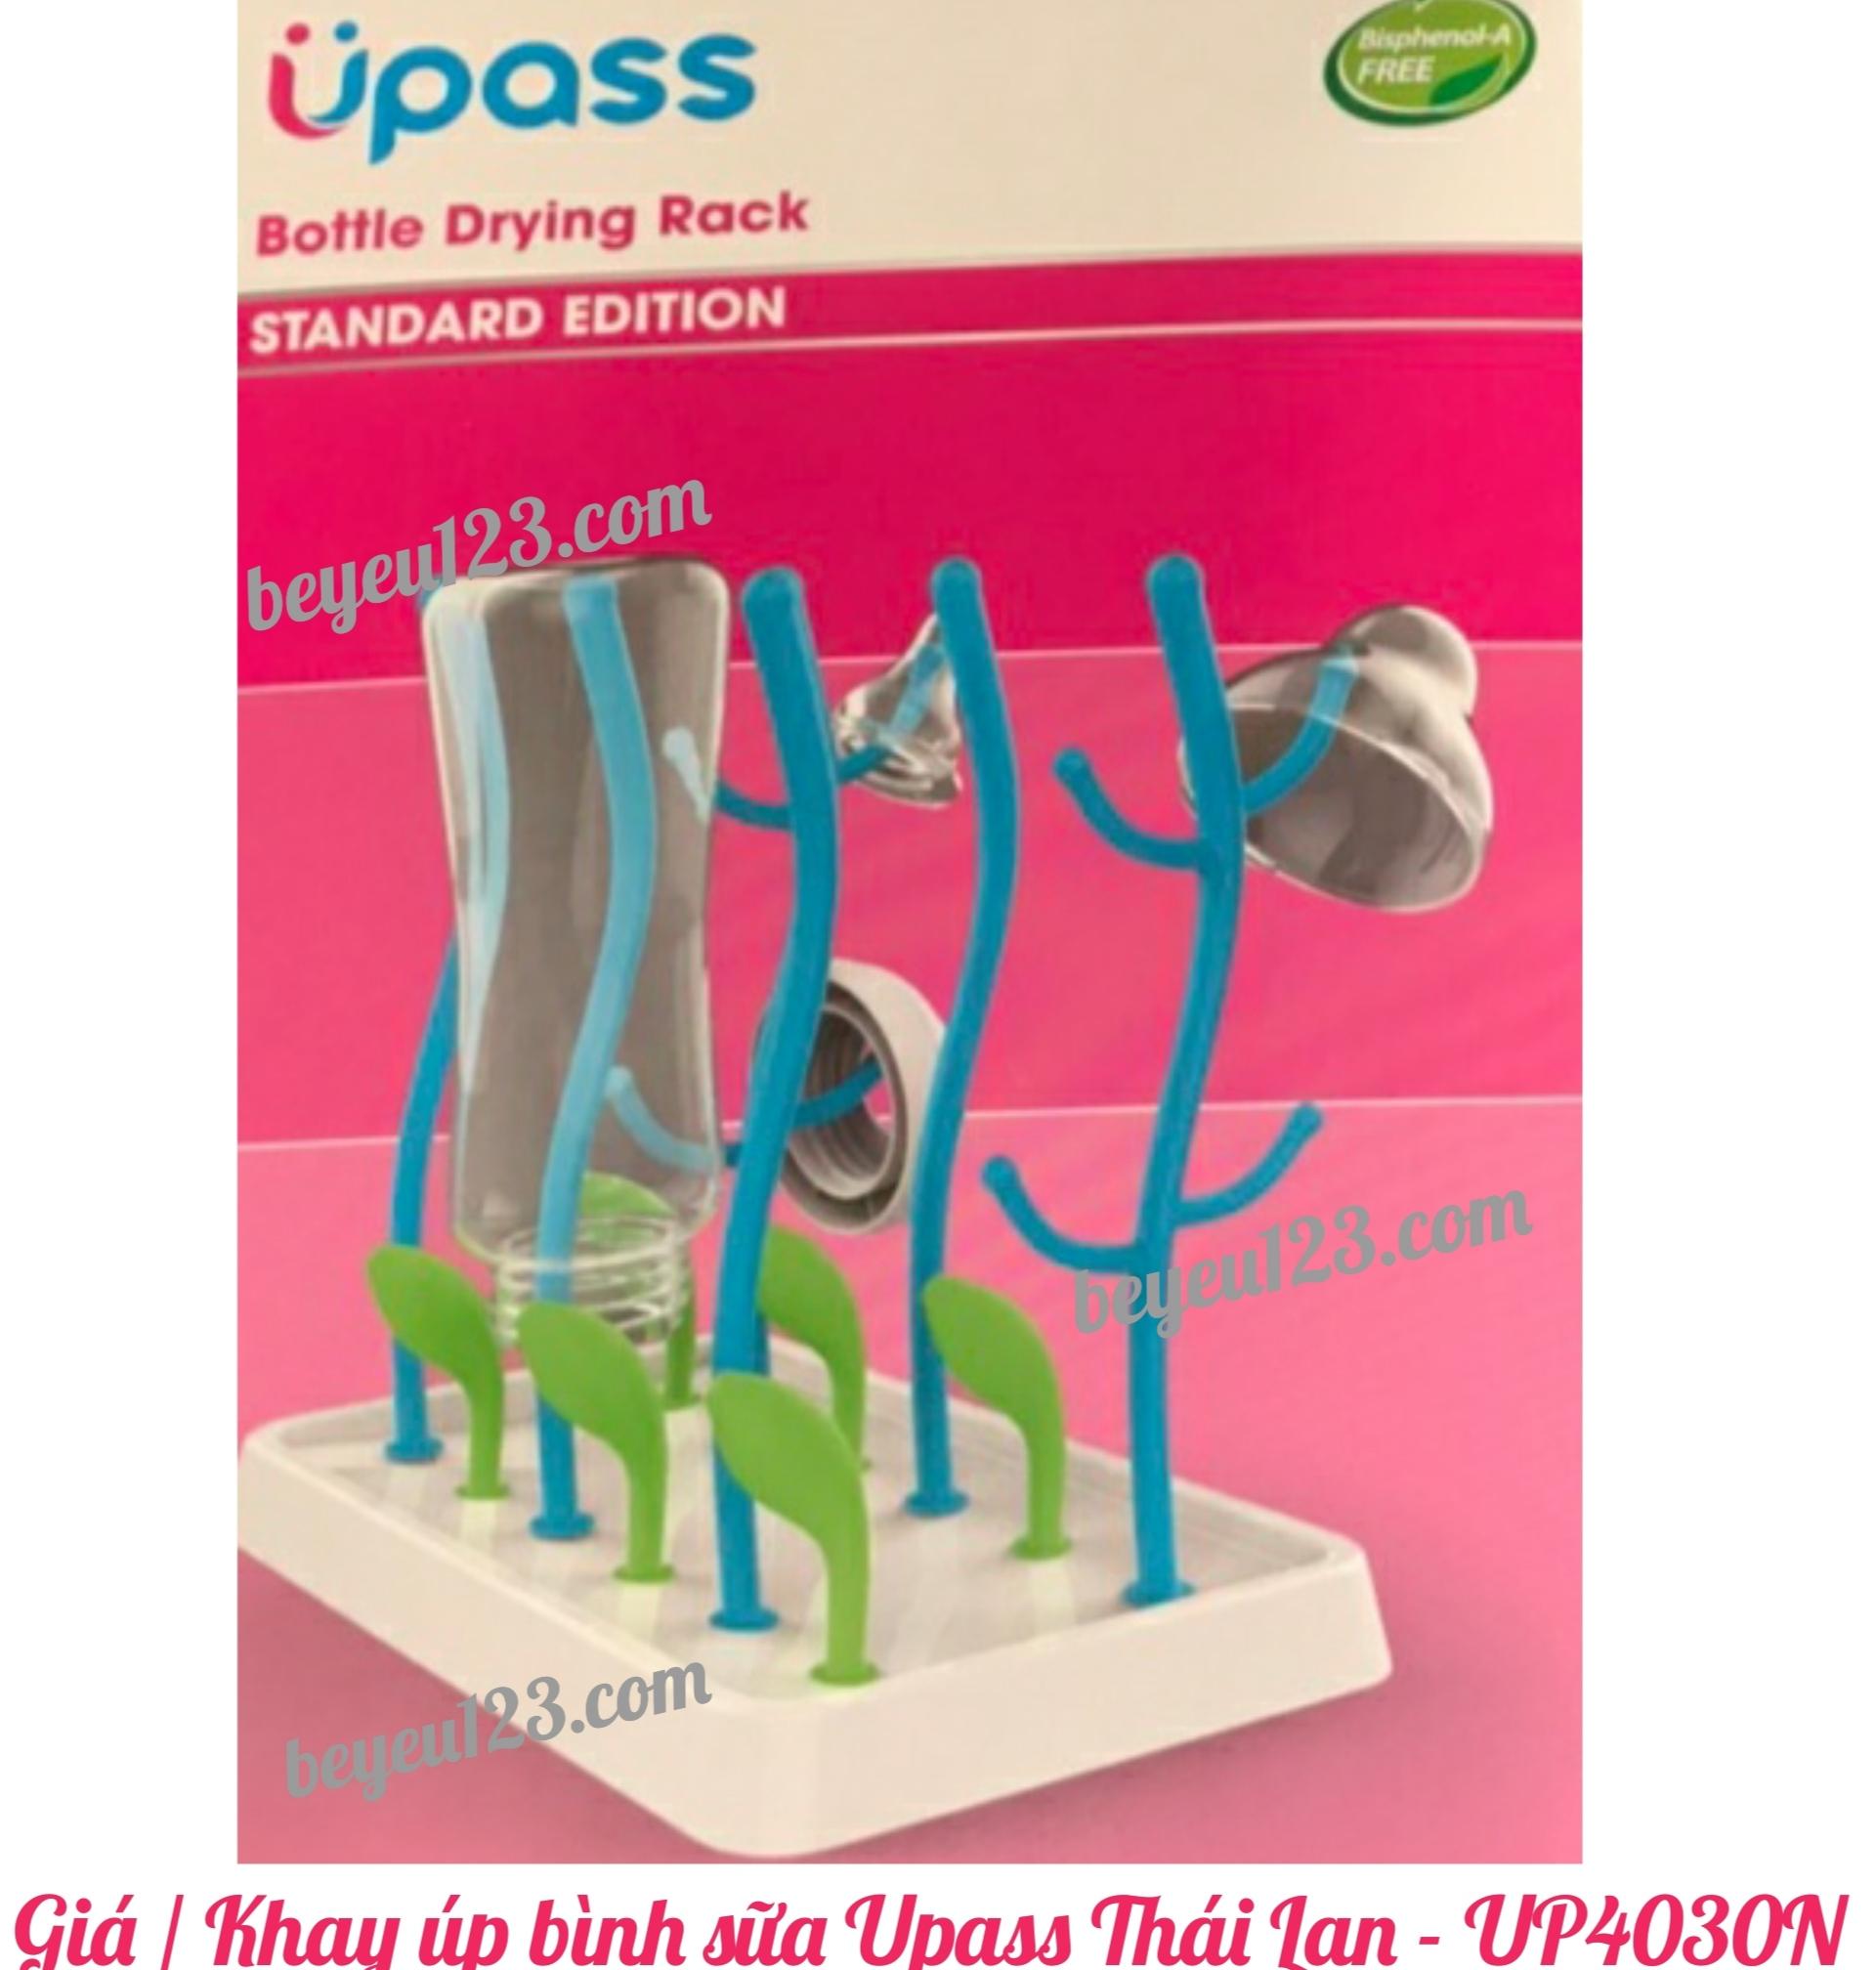 Giá phơi / Khay úp bình sữa và núm ti gấp gọn Upass Thái Lan - UP4030N